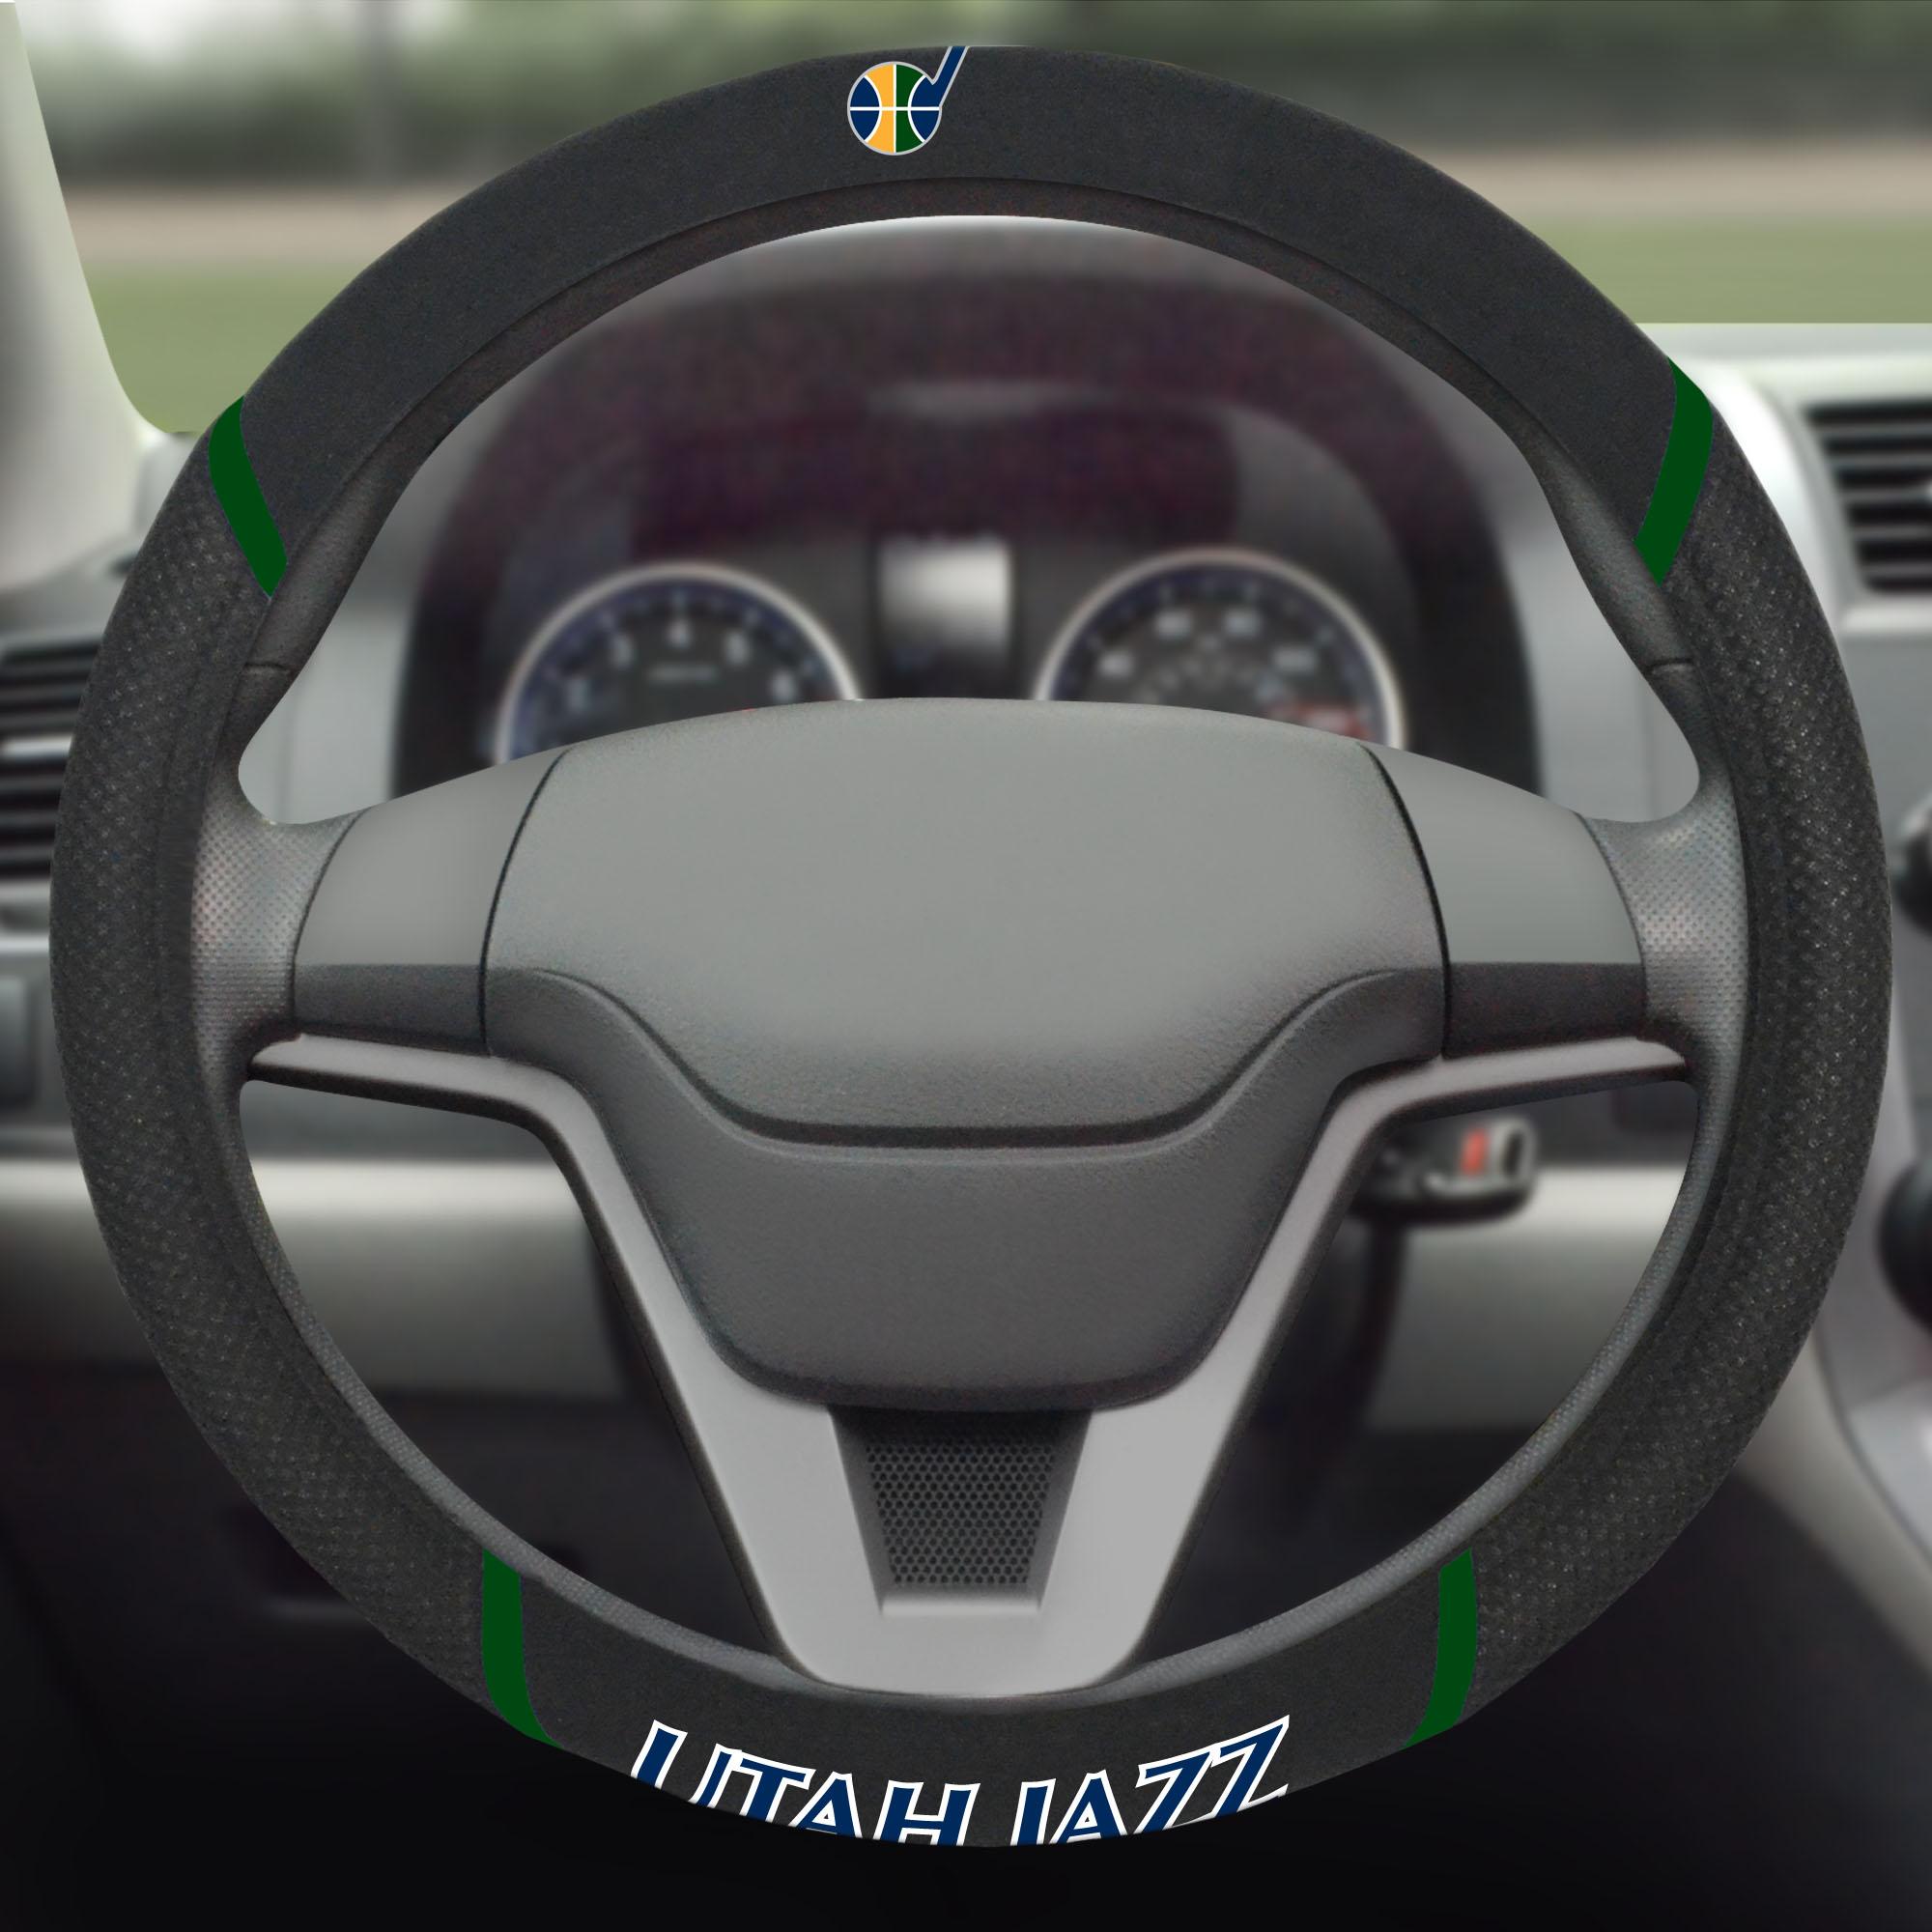 Utah Jazz Steering Wheel Cover - No Size